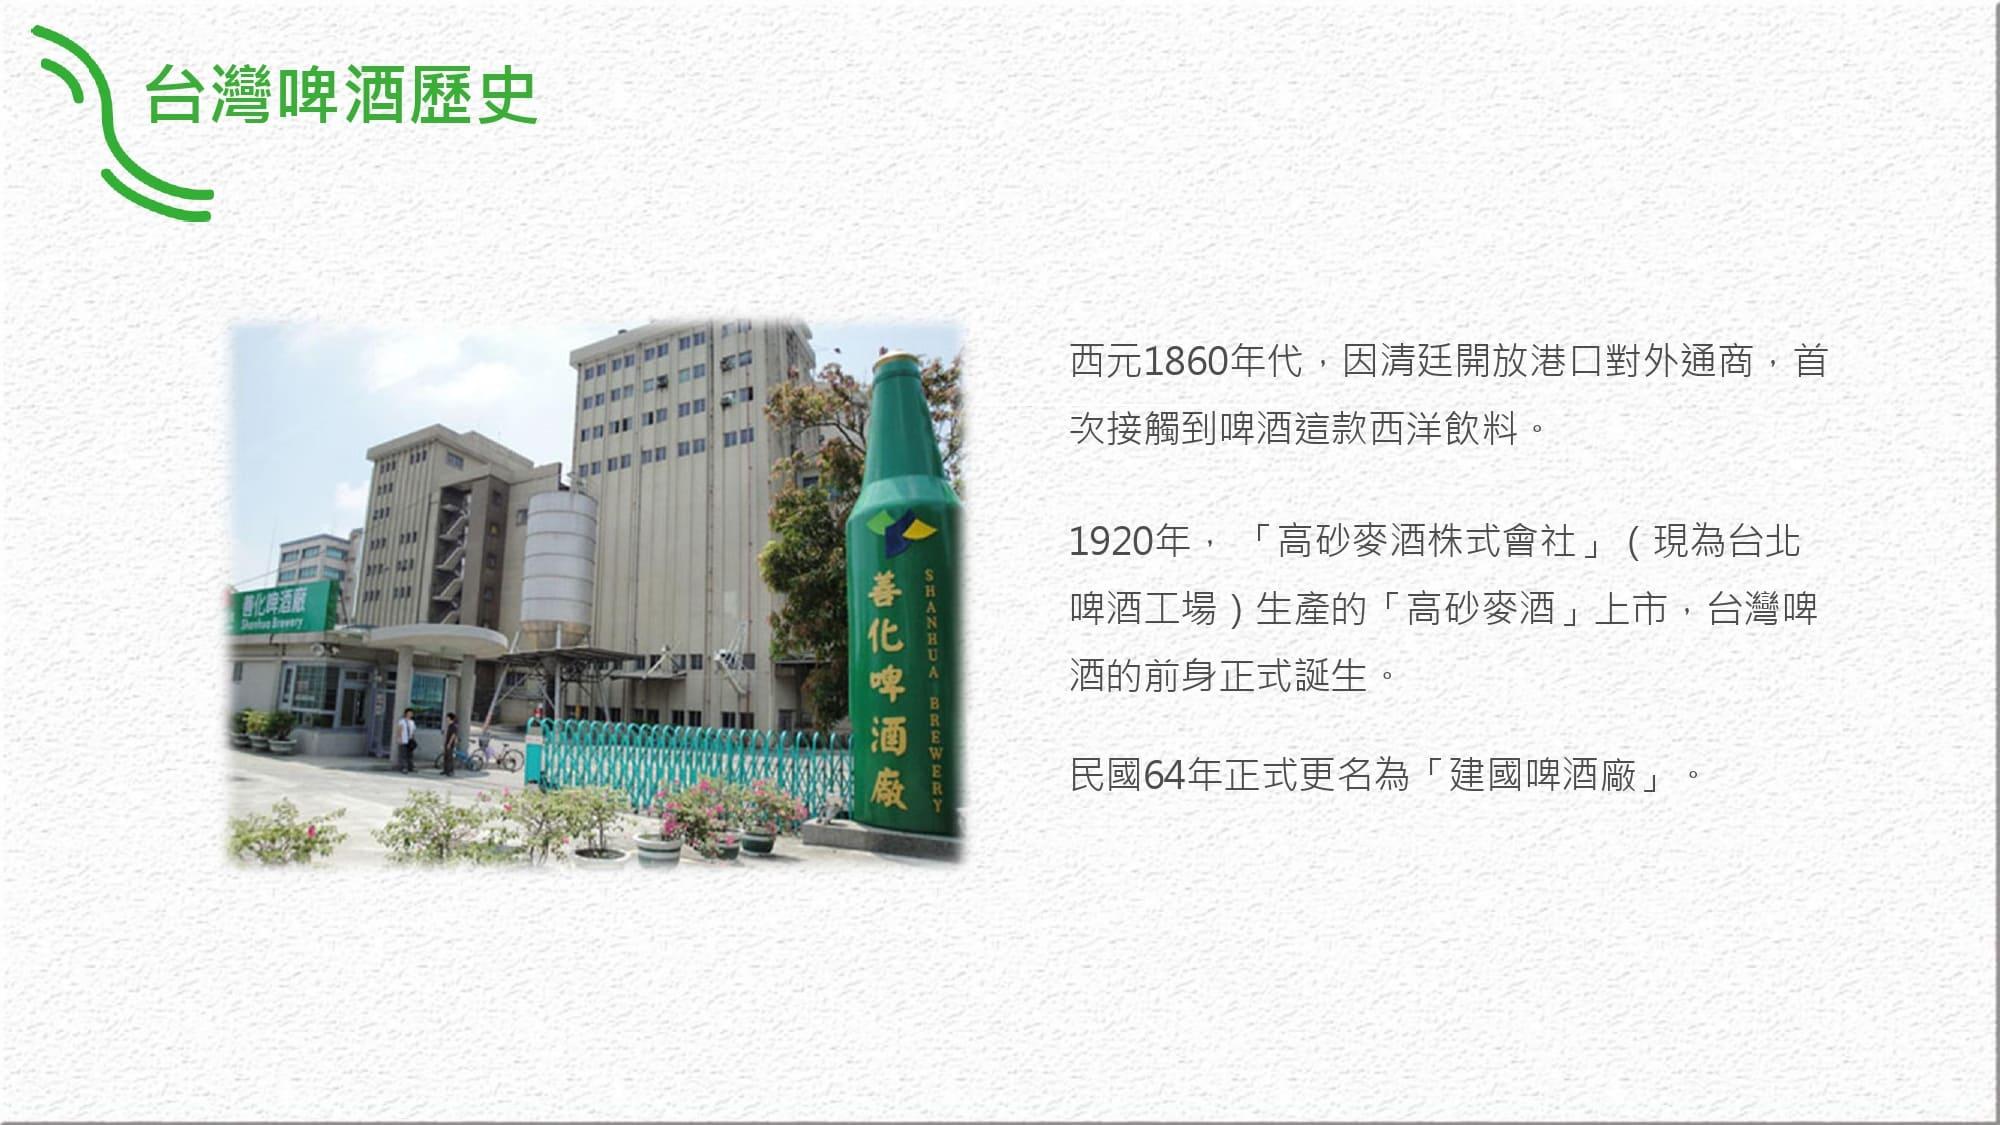 台灣啤酒108.4.23_page-0004